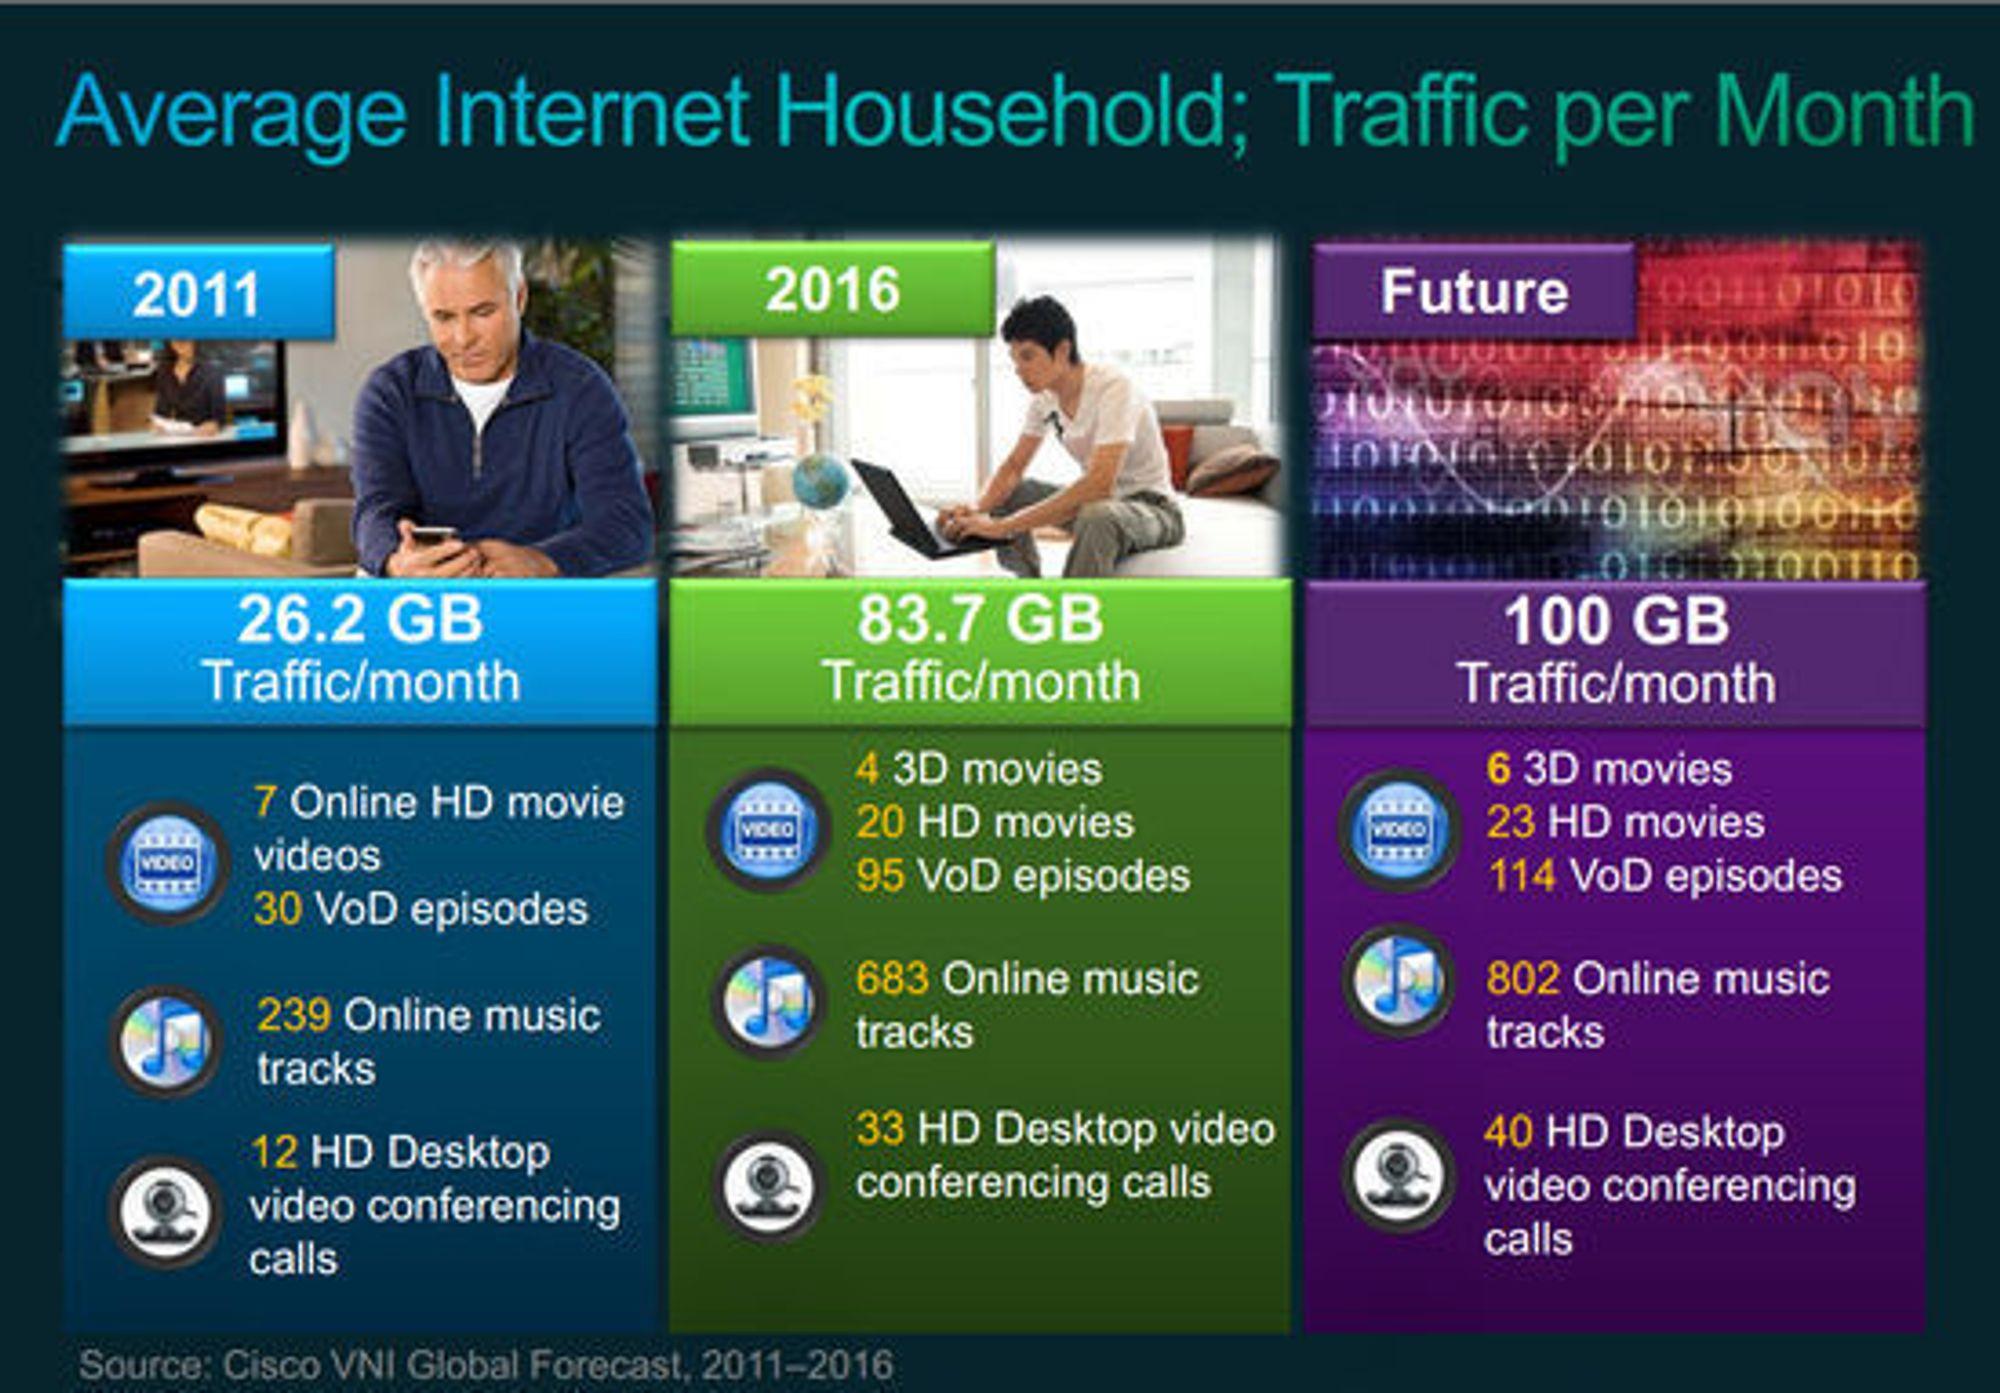 Oversikt over noe av det Cisco mener vil utgjøre den typiske internettrafikken generert av husstander i framtiden.